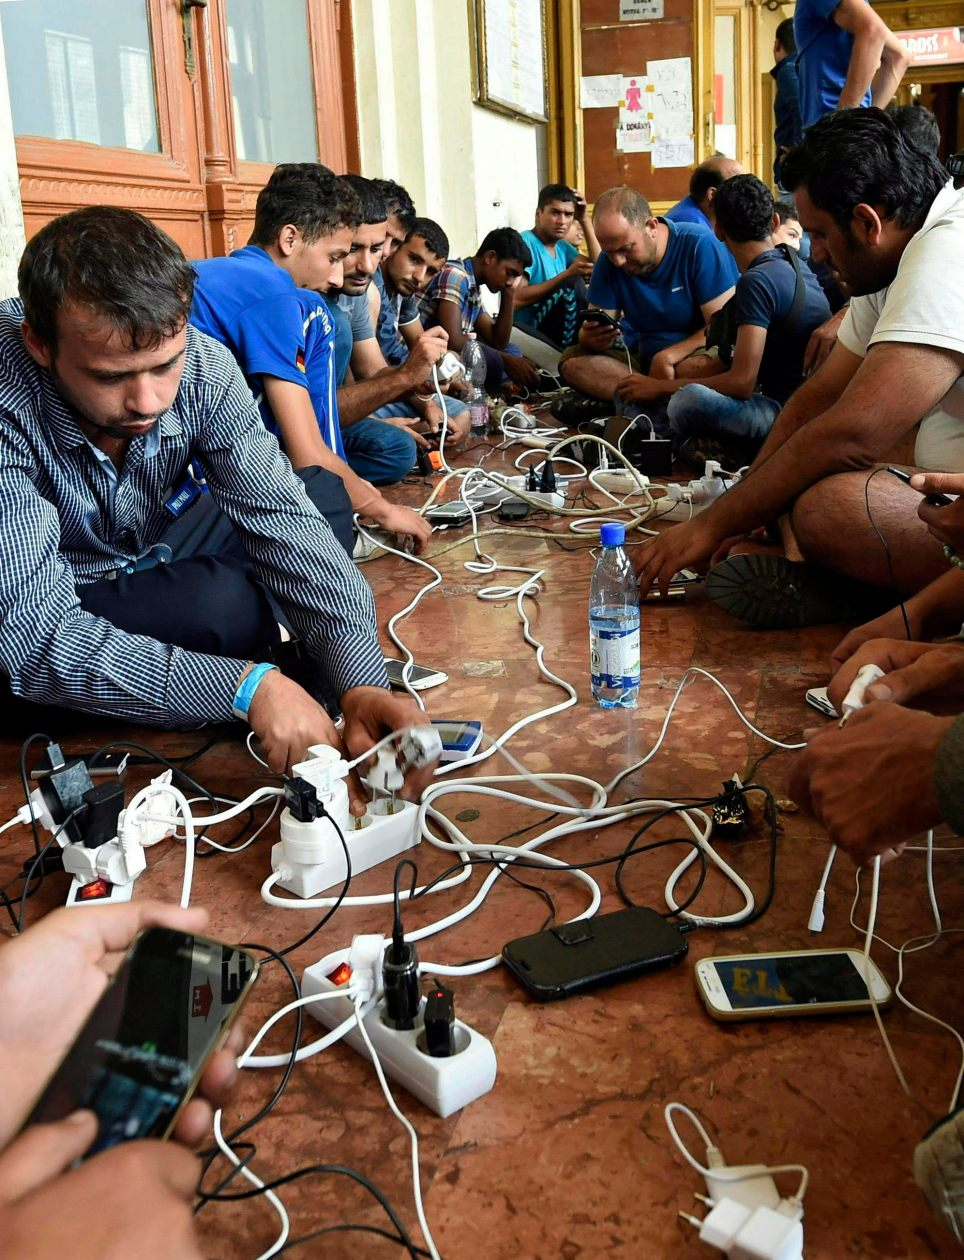 Refugiados cargan sus teléfonos móviles en la estación Keleti de Budapest en septiembre de 2015. EFE/HERBERT P. OCZERET